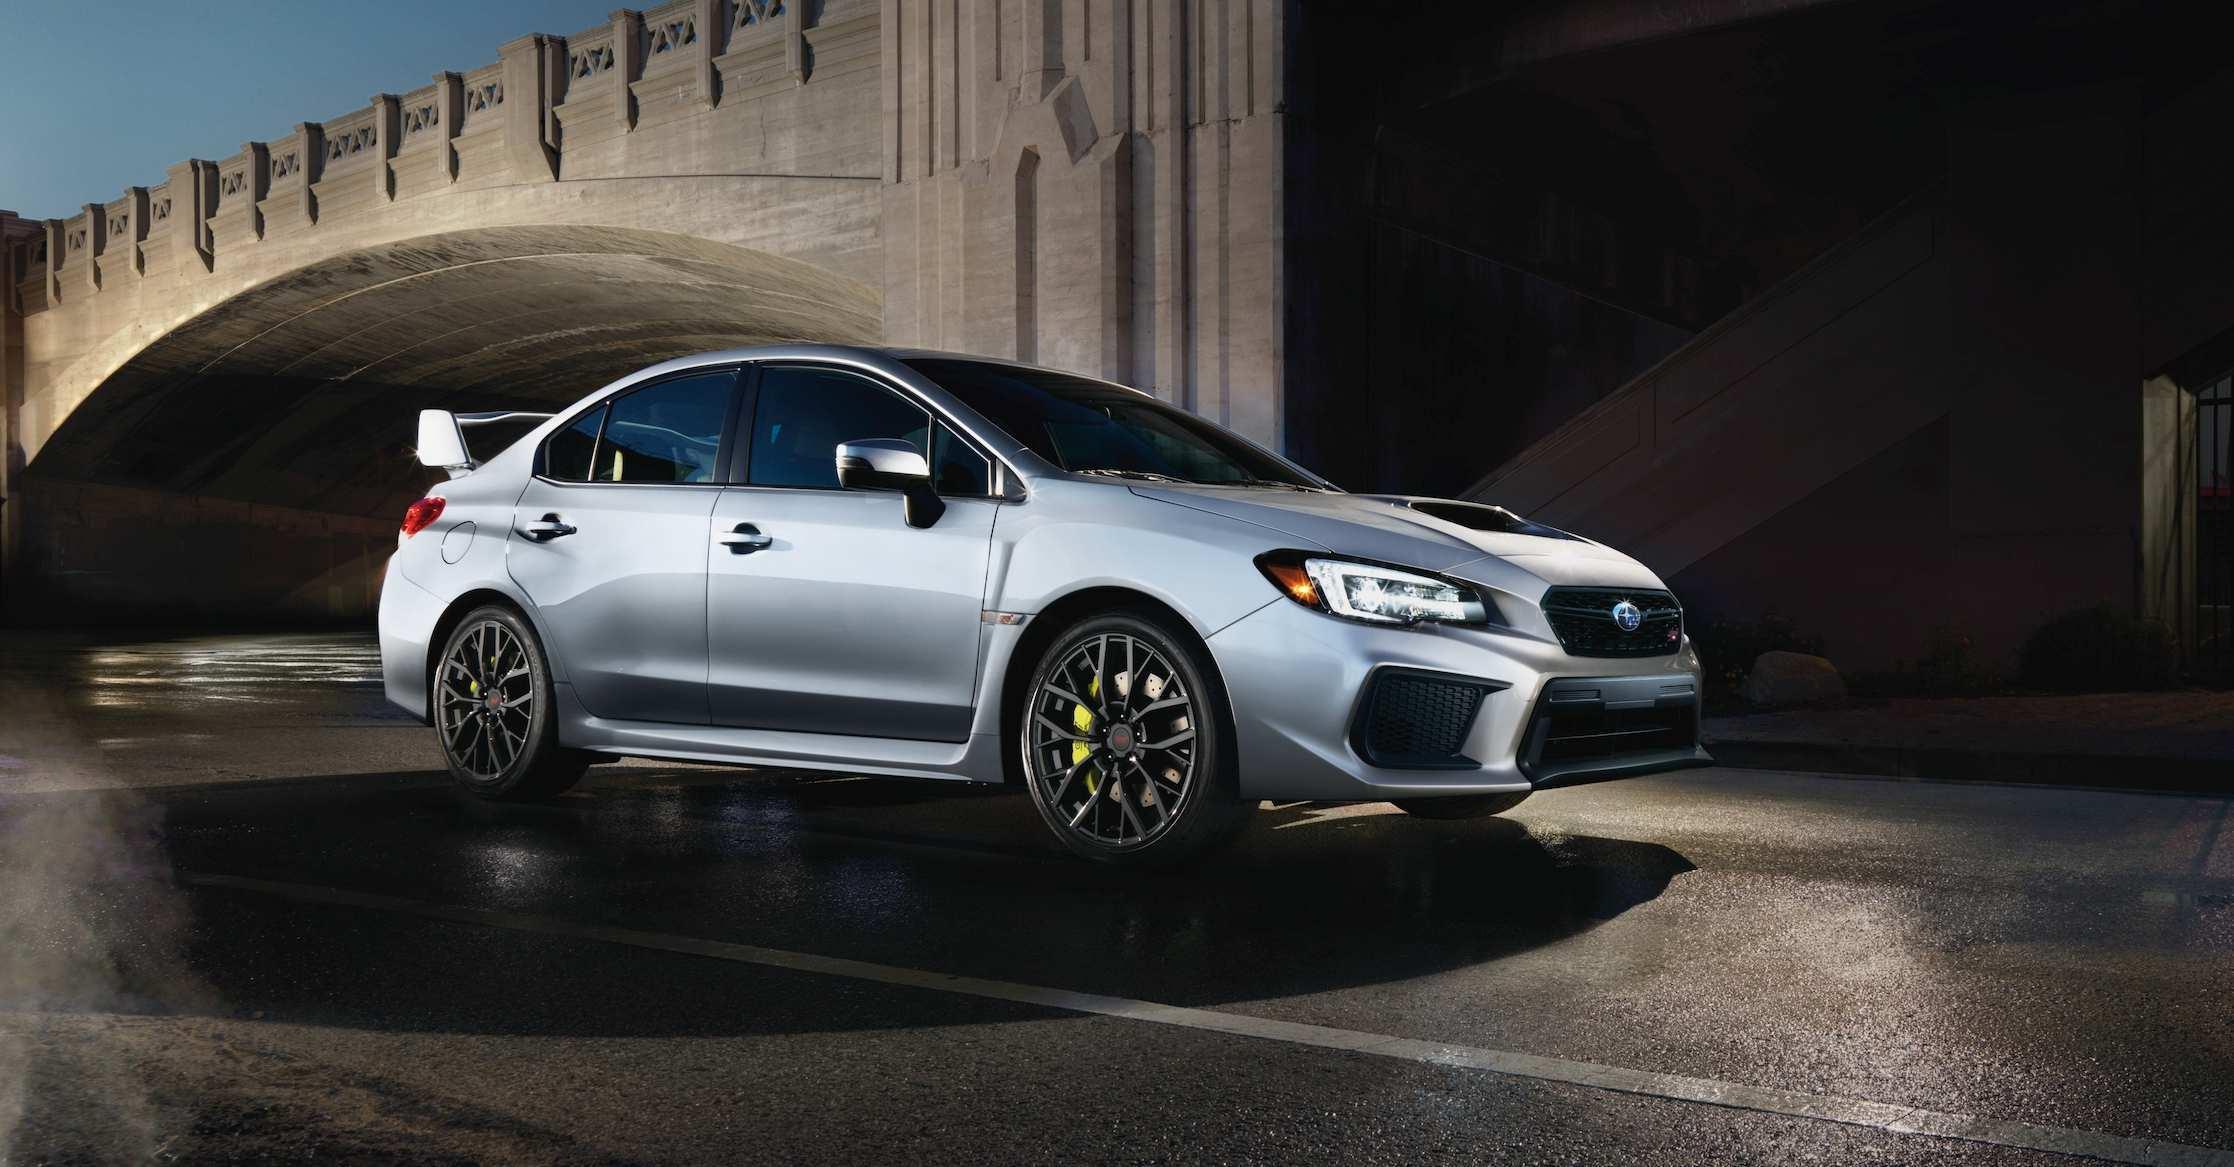 99 Gallery of Subaru Wrx 2019 Release Date Spy Shoot by Subaru Wrx 2019 Release Date